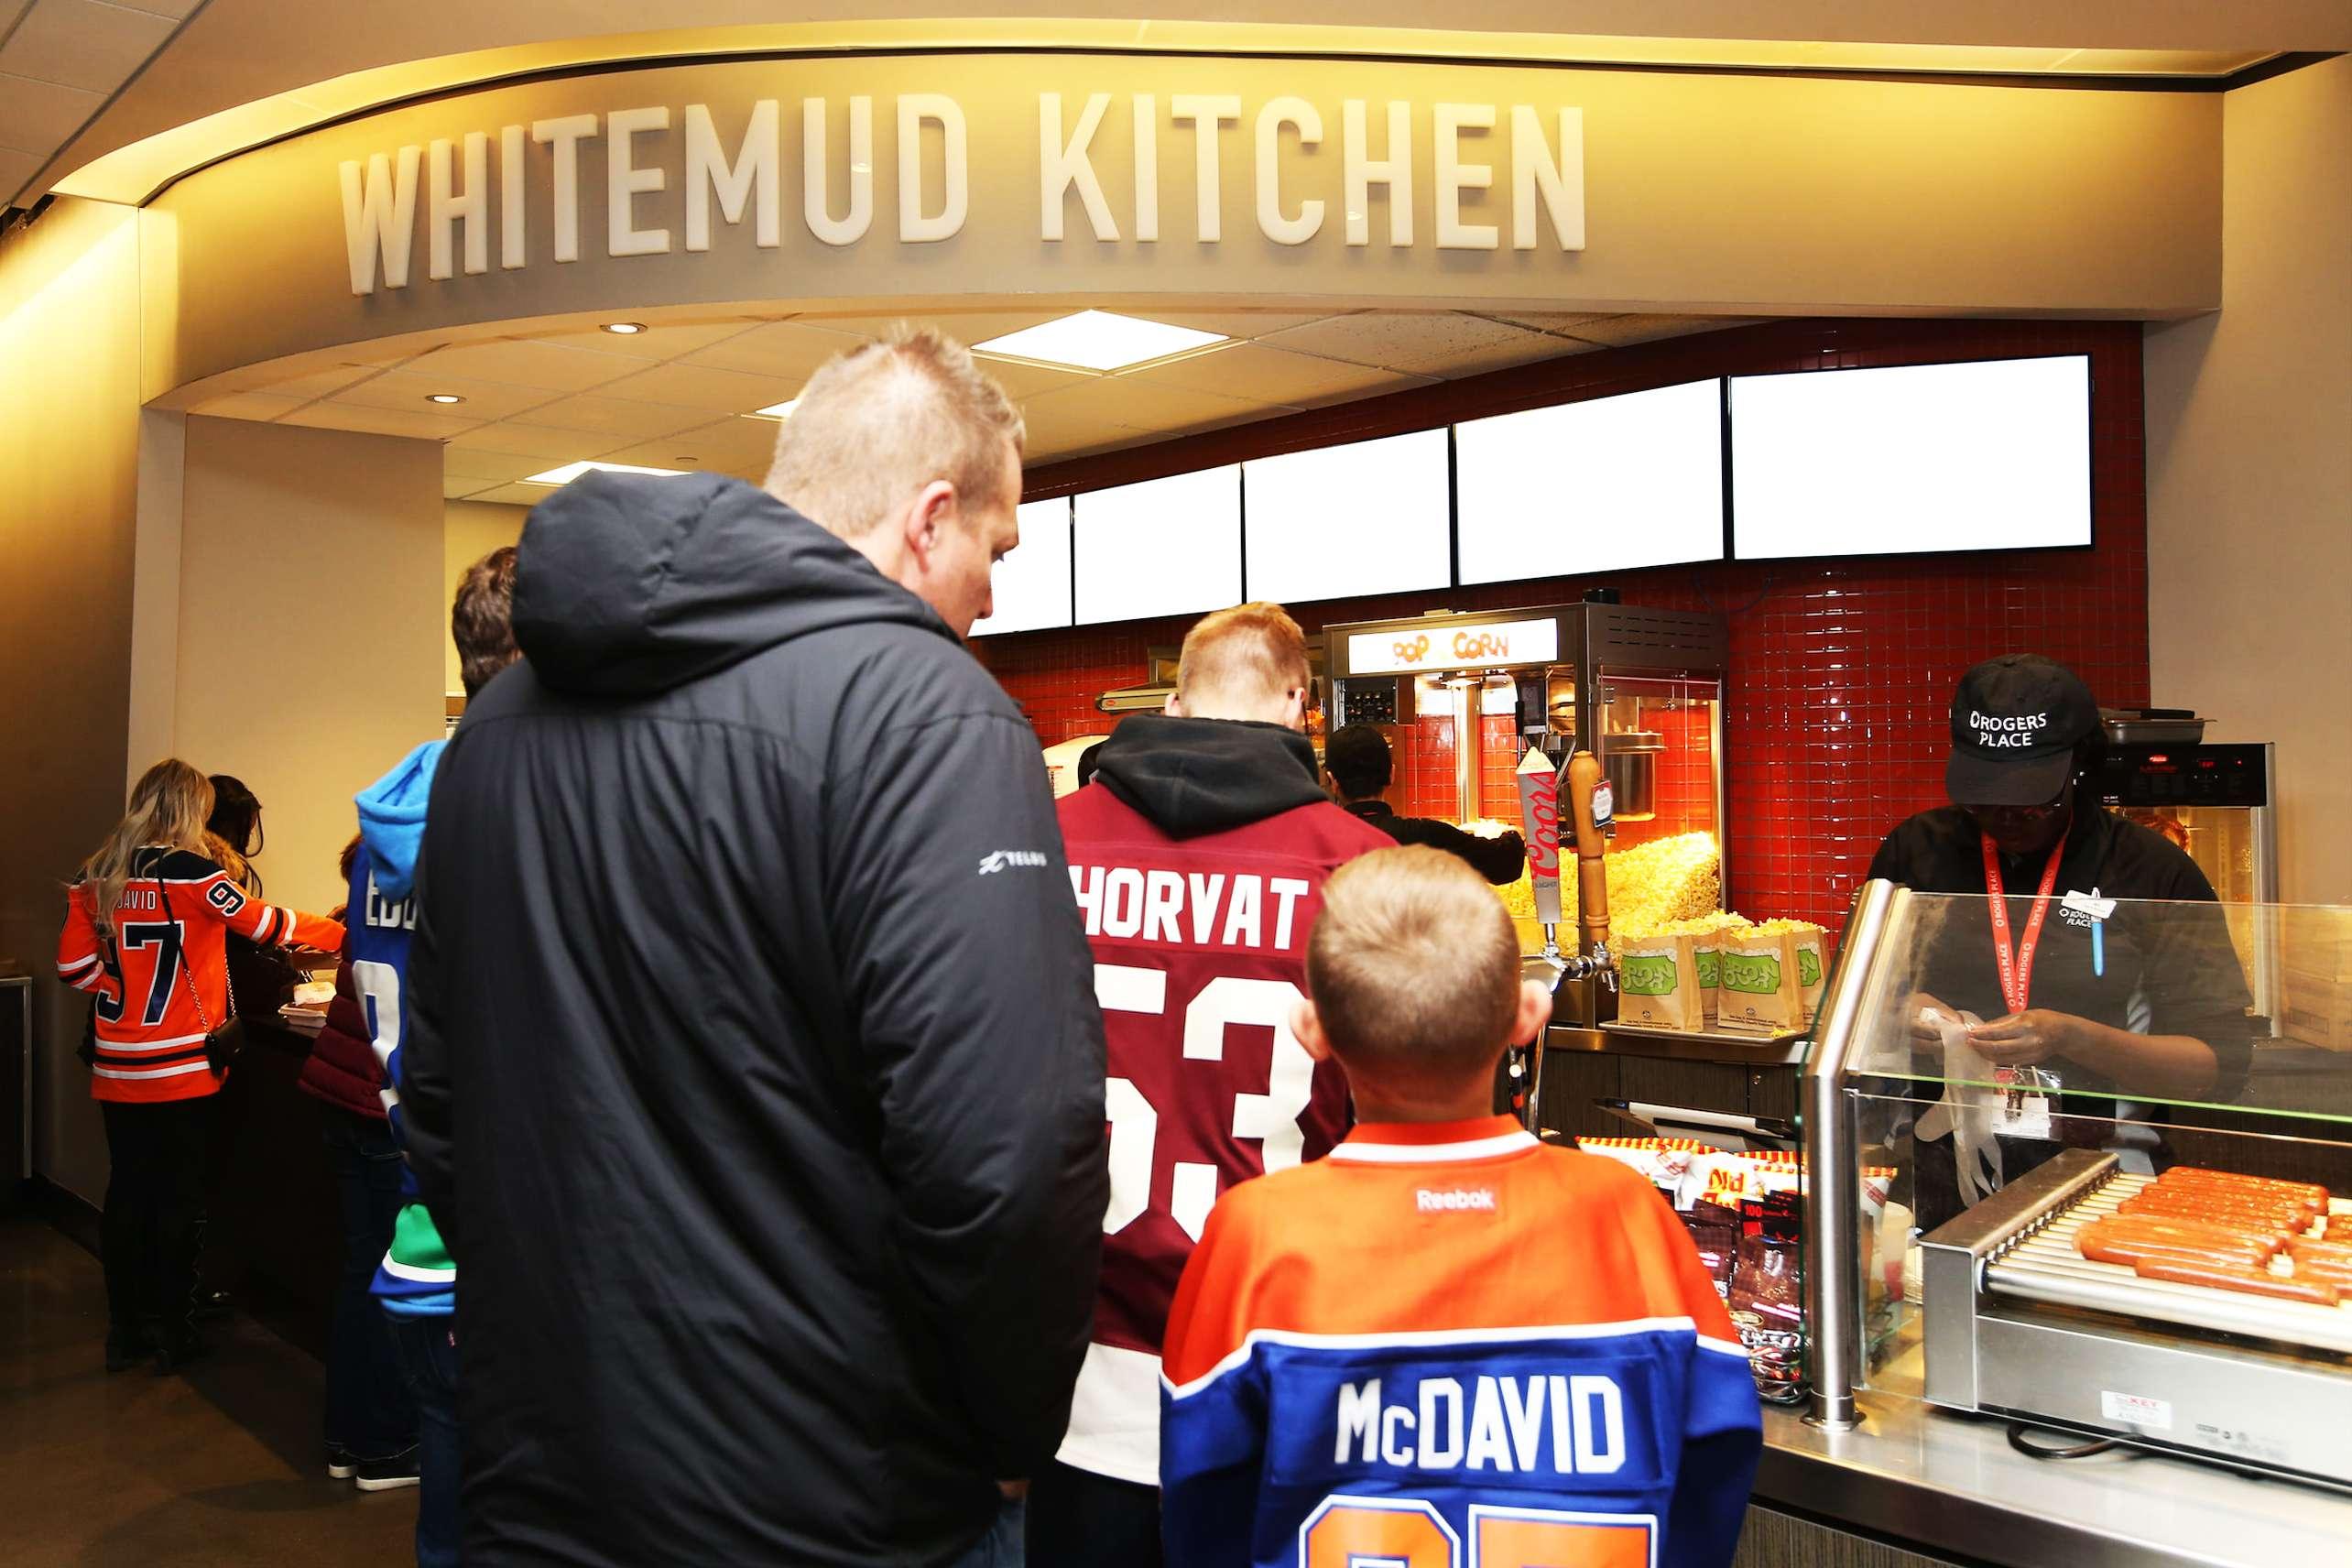 Whitemud Kitchen